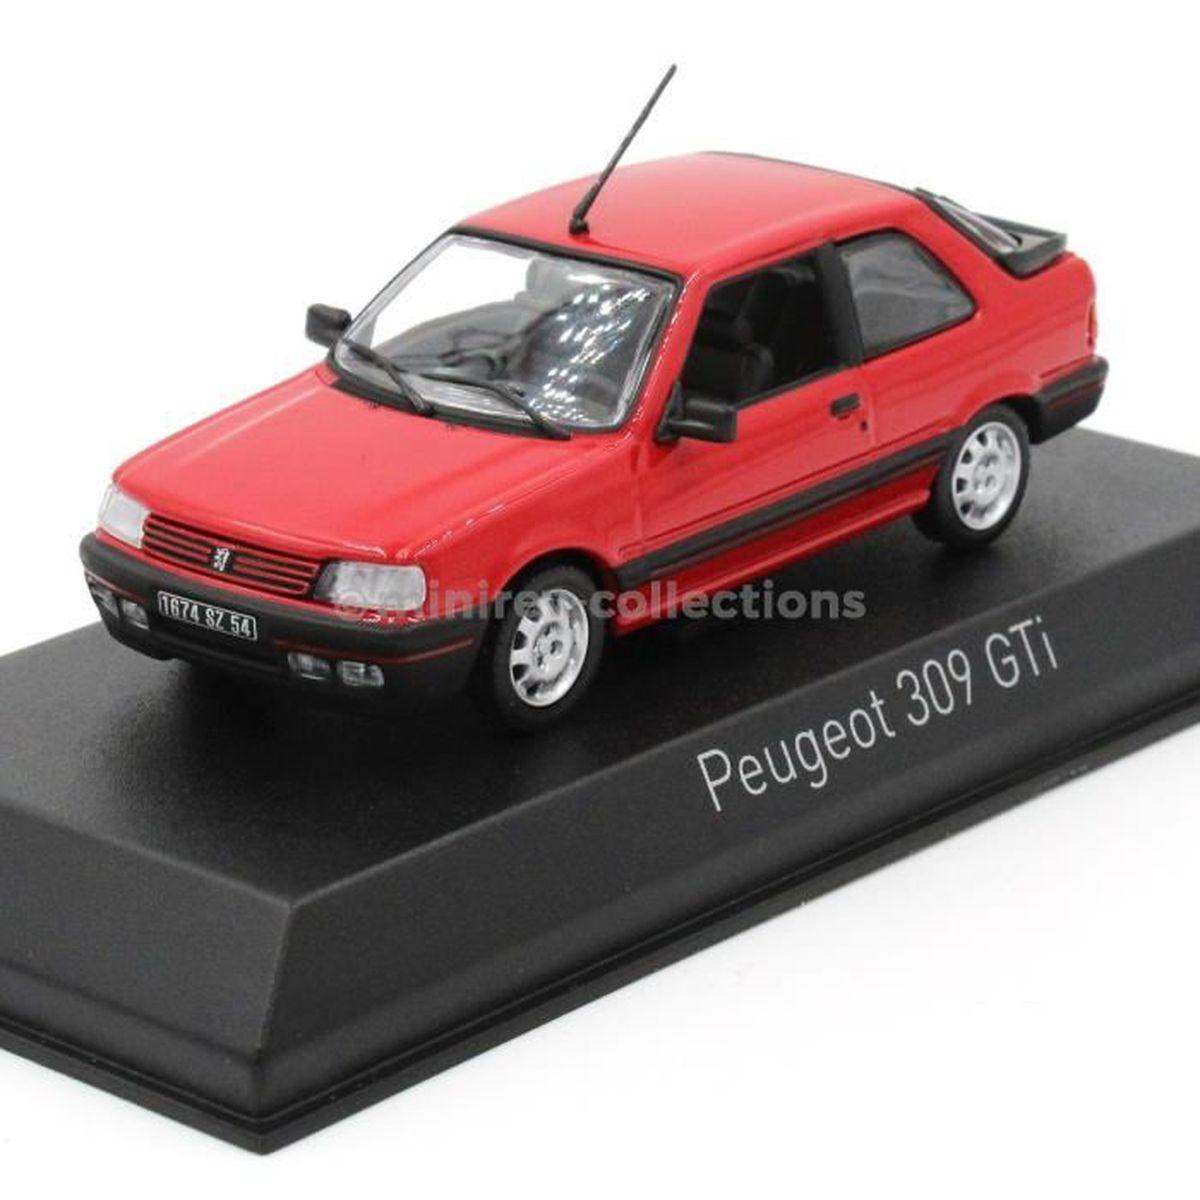 voitures miniatures norev achat vente jeux et jouets. Black Bedroom Furniture Sets. Home Design Ideas